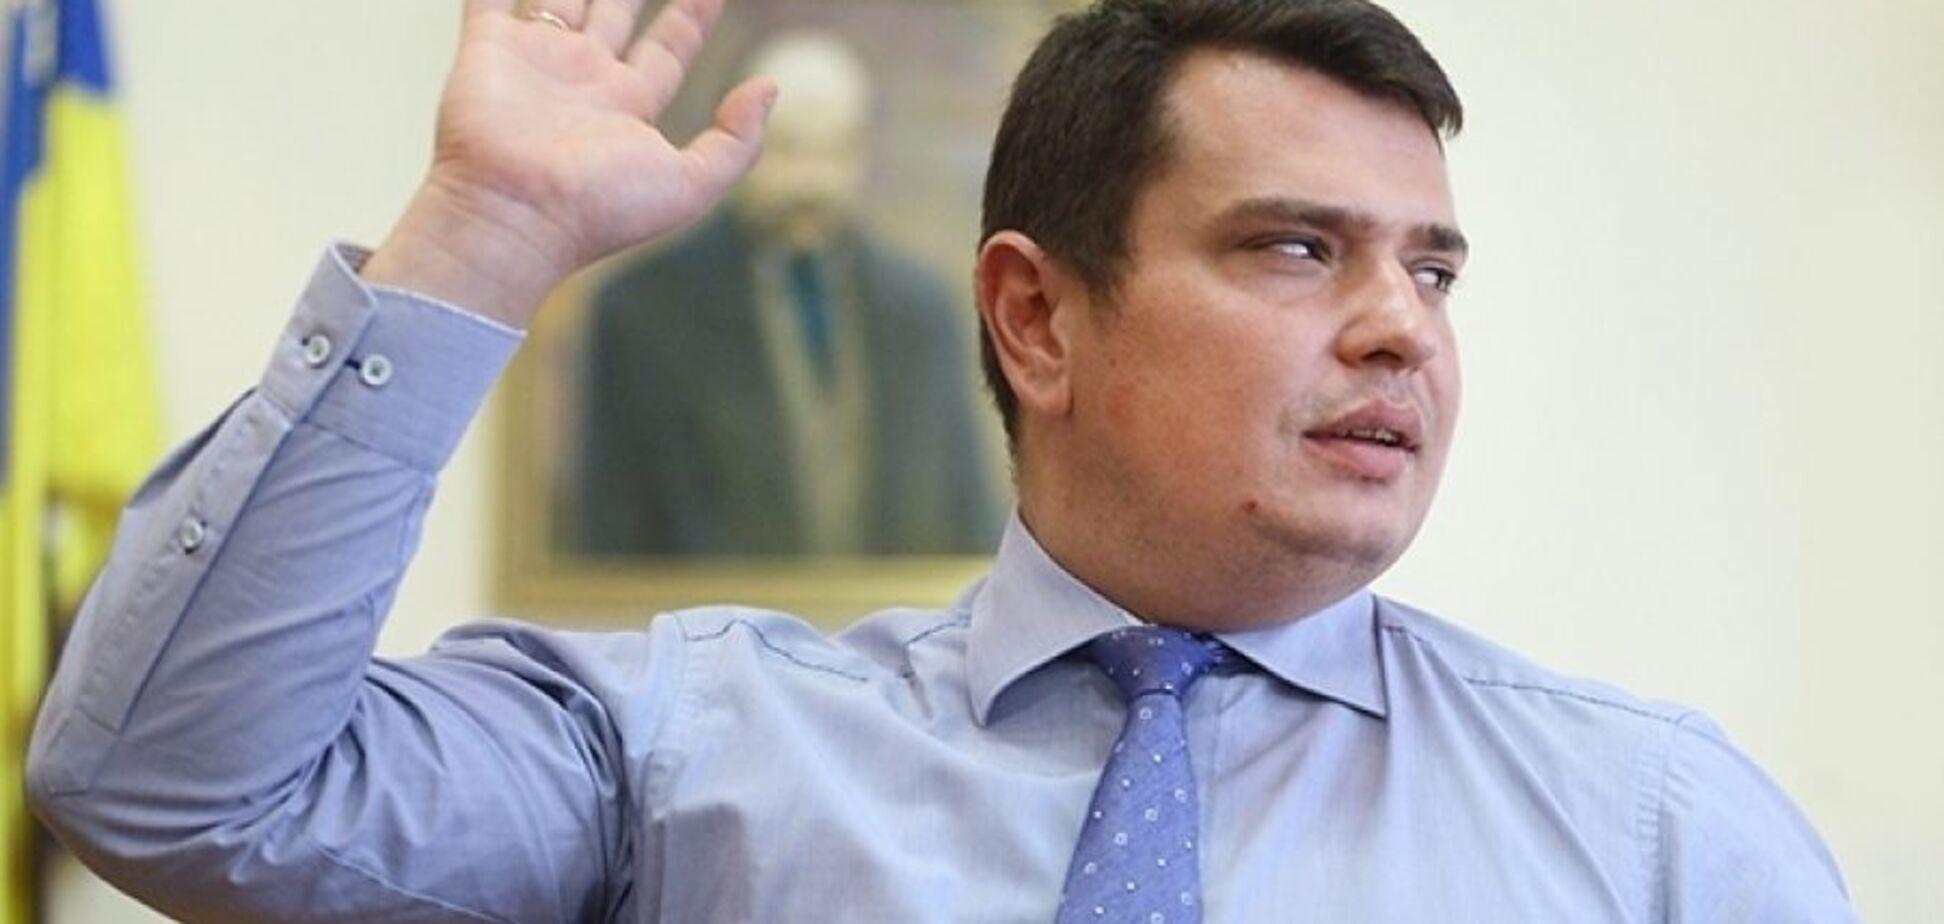 Ніякої конкретики: в НАБУ розгромили 'плівки Онищенка'